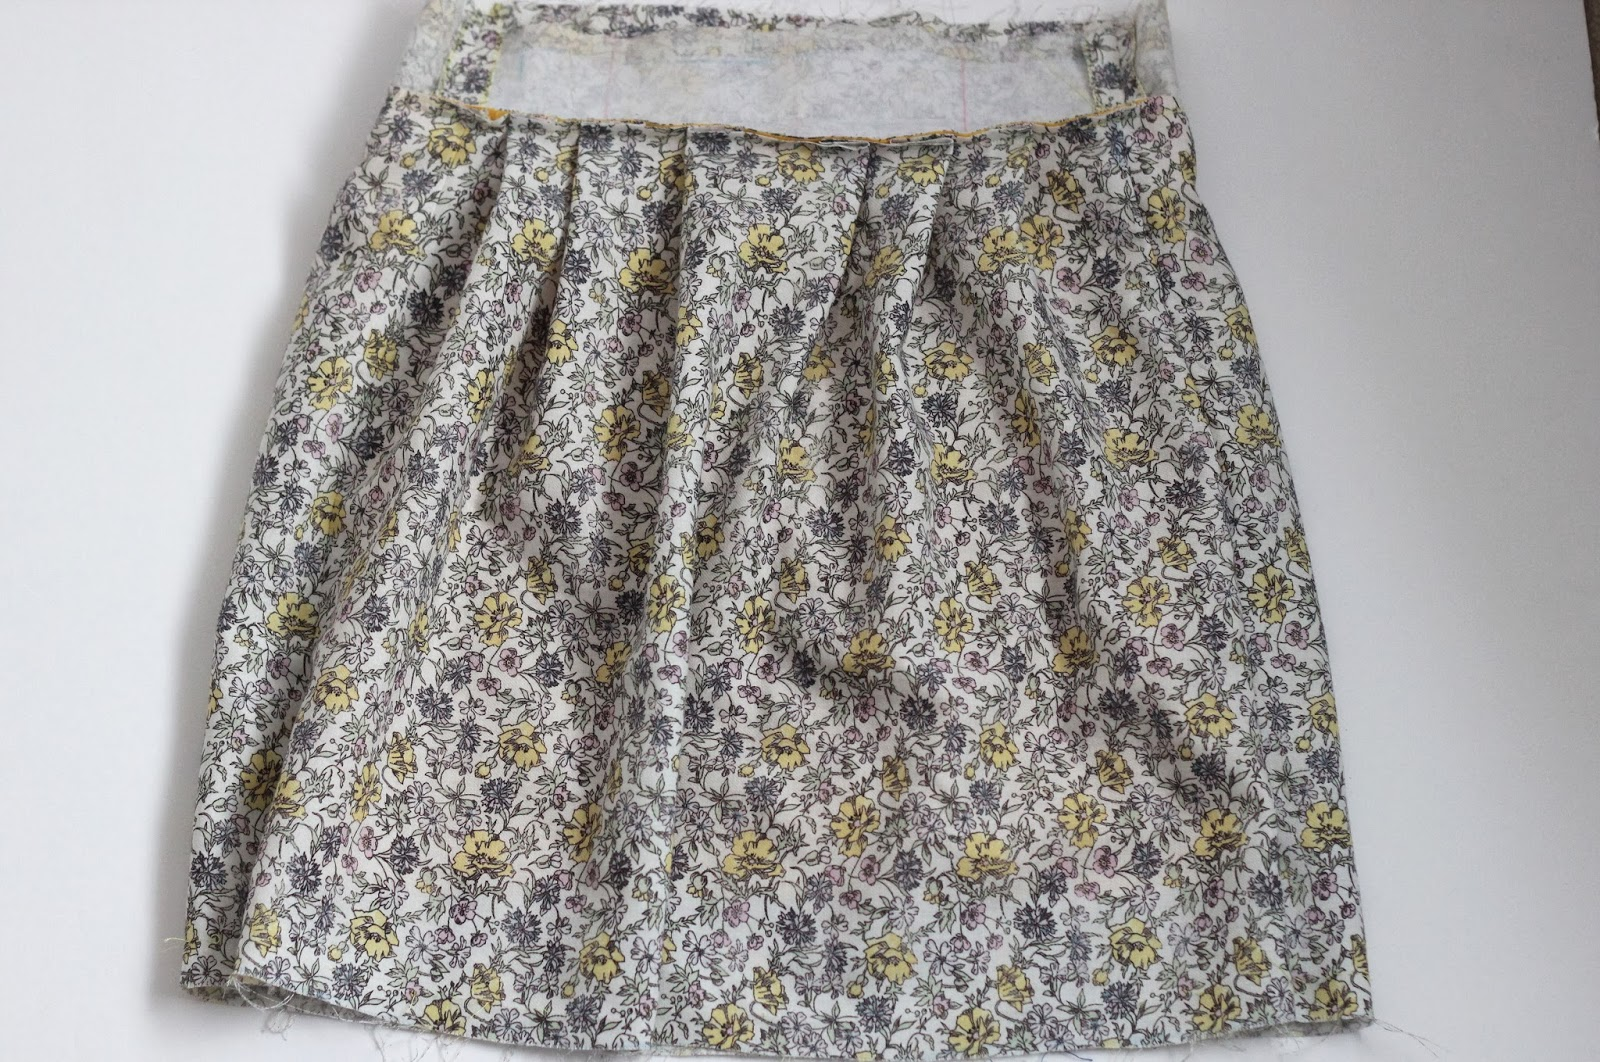 widi sewing step by step tutorials